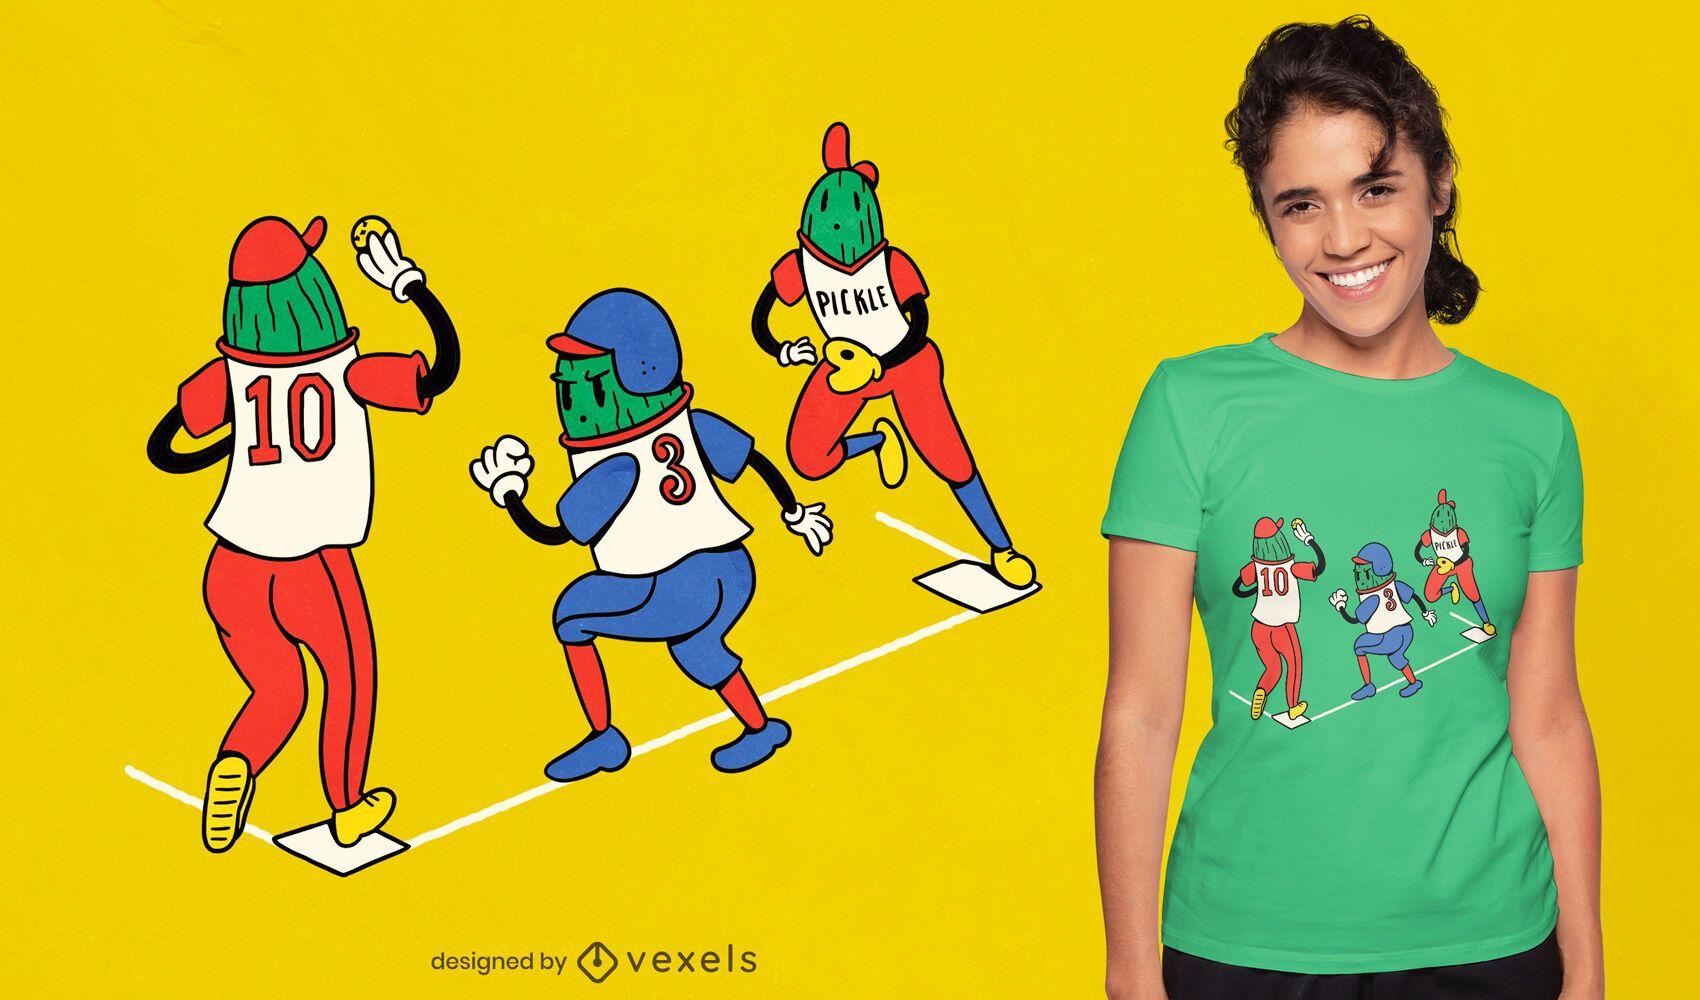 Diseño de camiseta de dibujos animados de béisbol pickles